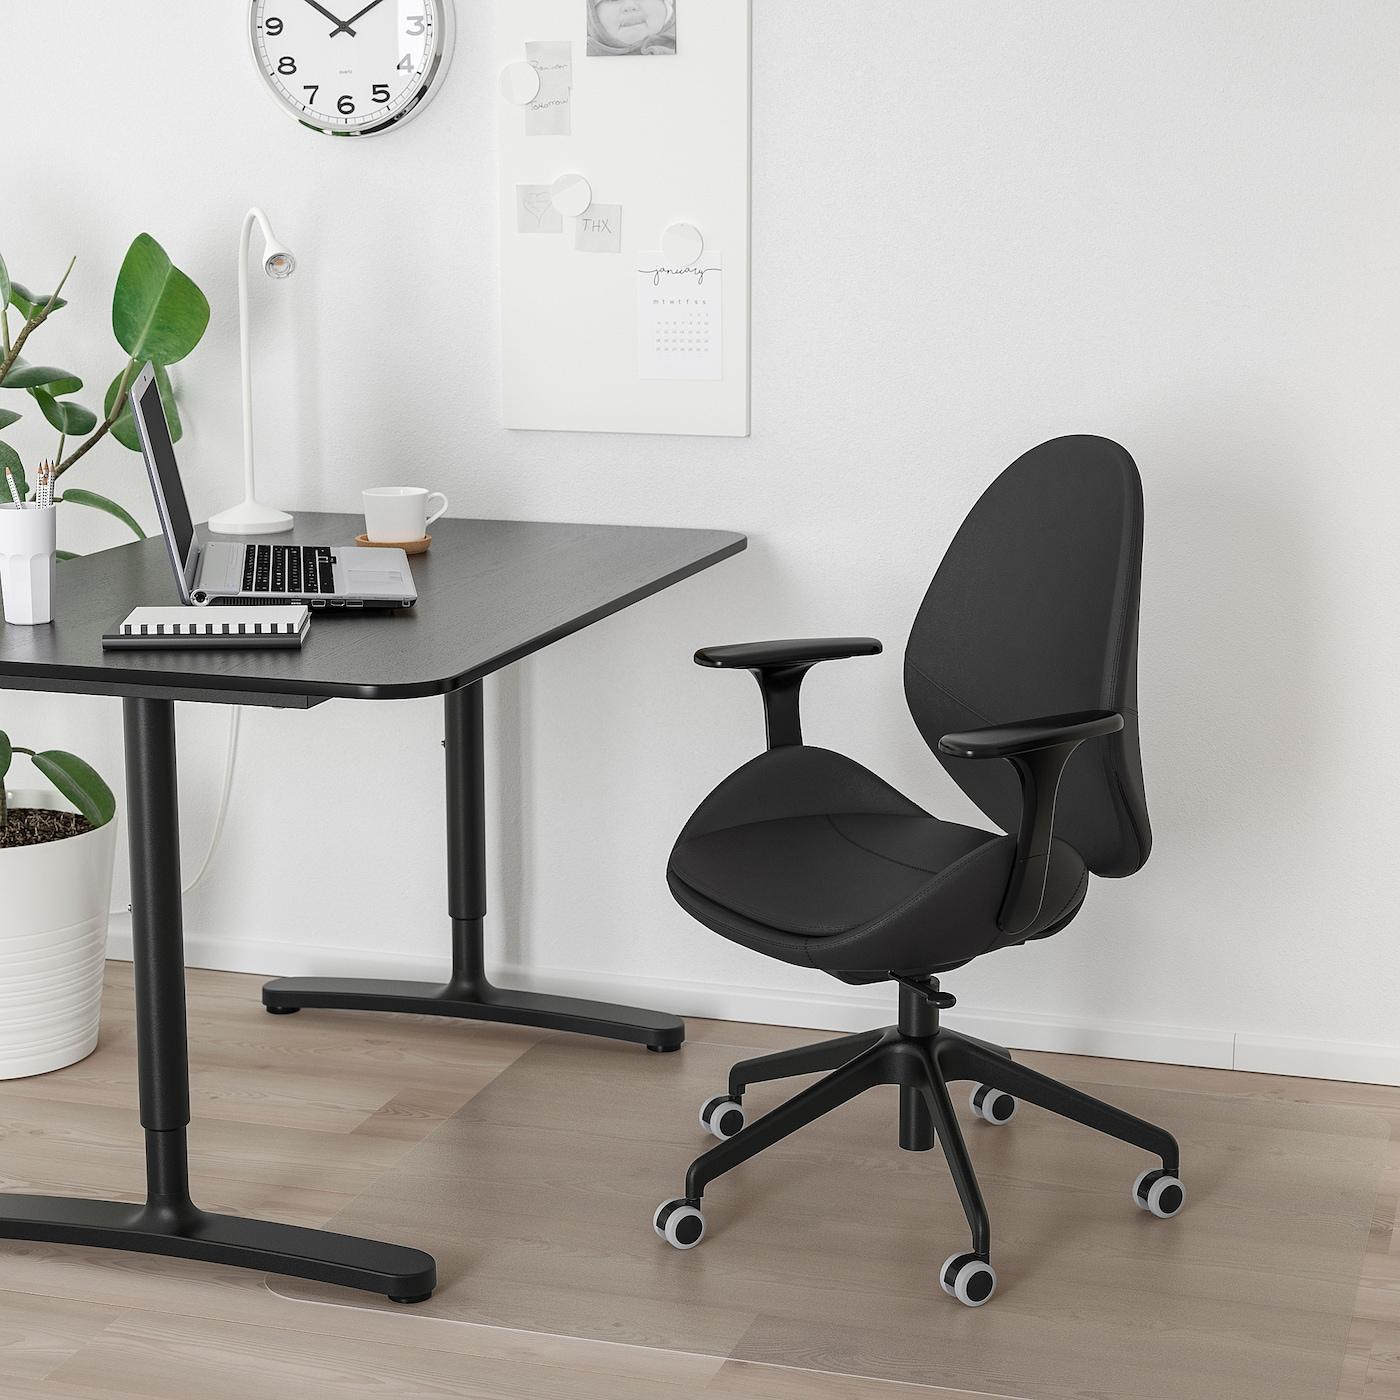 IKEA chaise pliante pliable chaises bureau conférence visiteur chaise set pliable noir